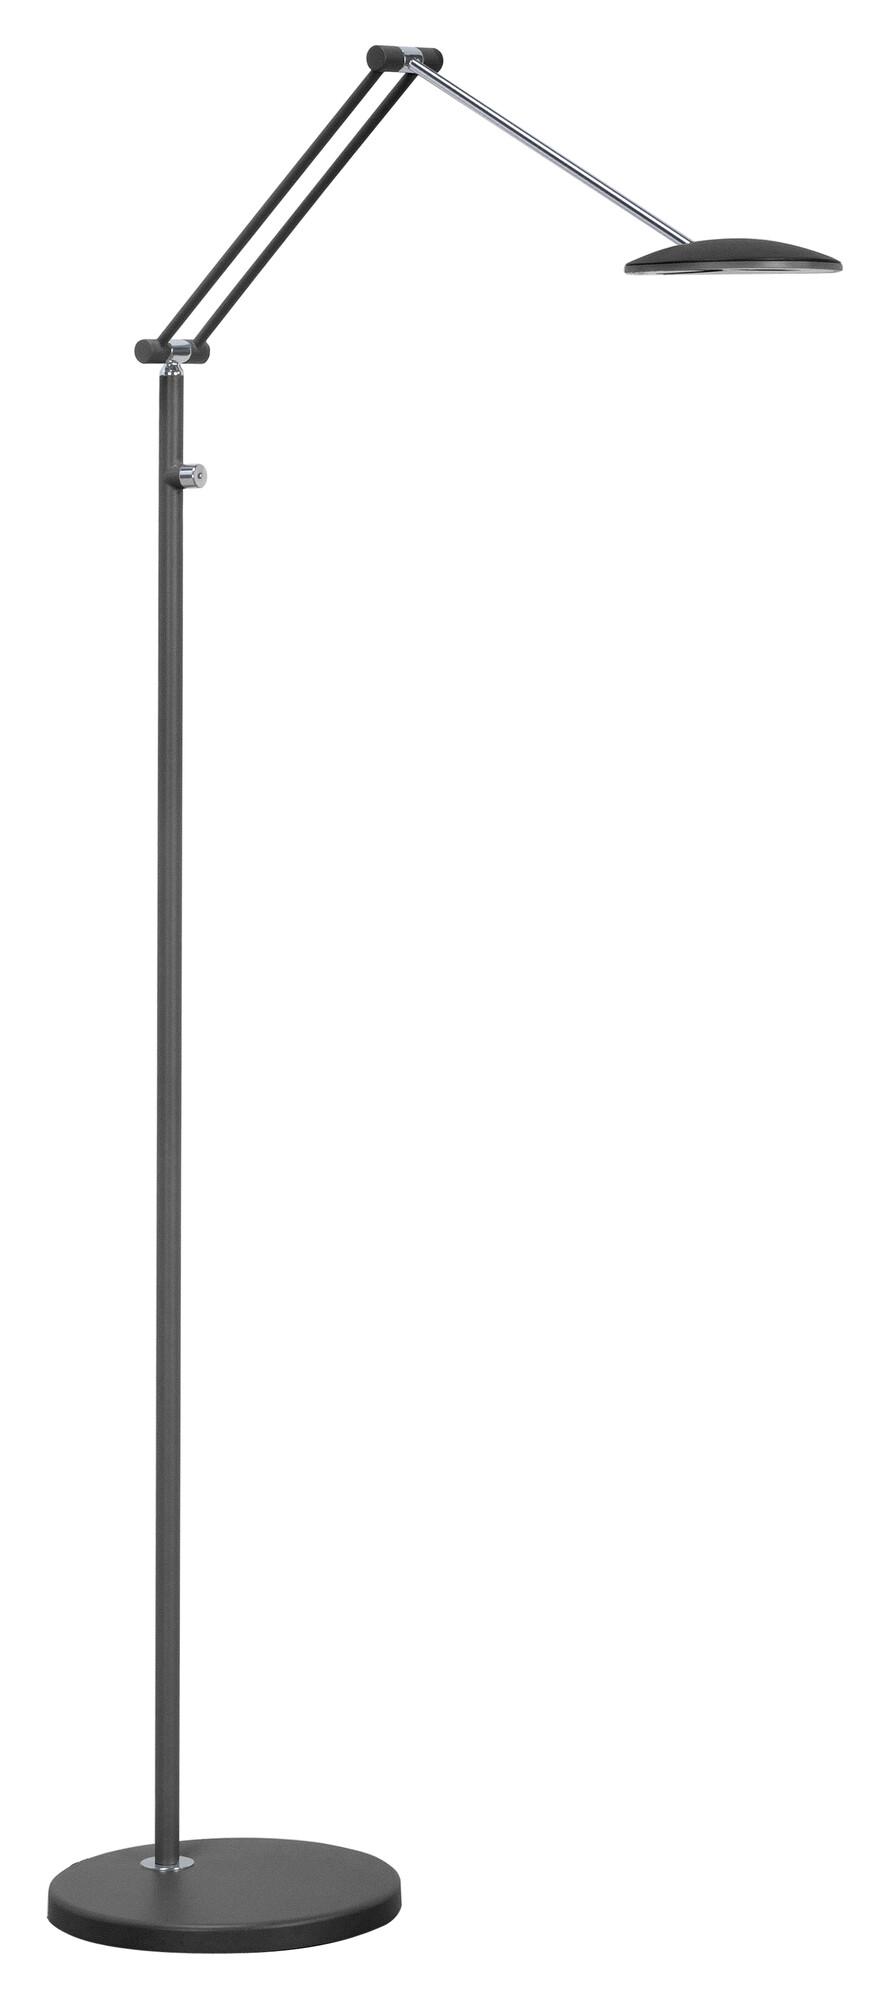 SAPPORO Lampadaire LED 1x10W/700lm Noir